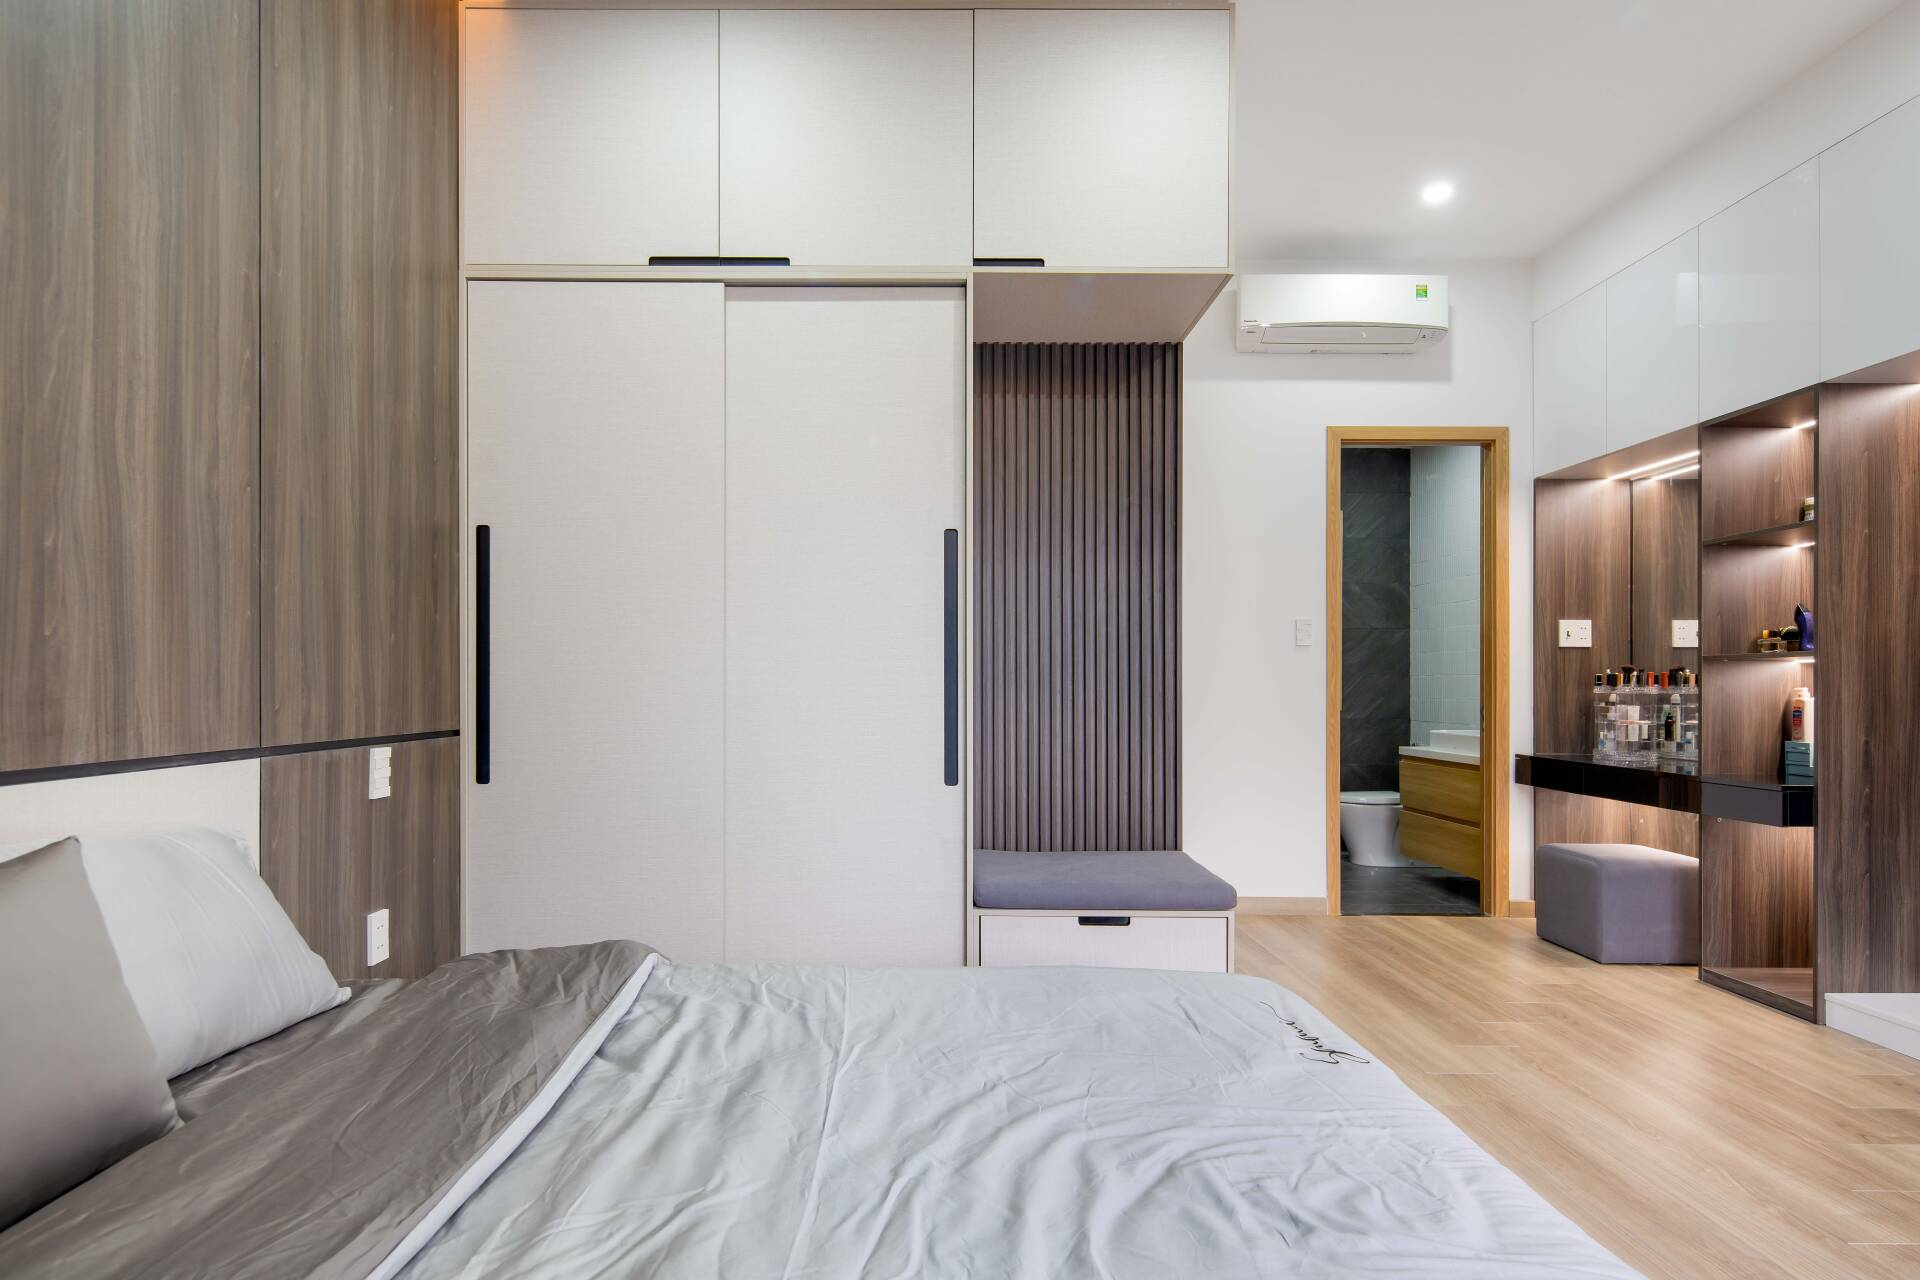 Để tiết kiệm không gian, hệ tủ quần áo được đóng chạm trần. Bên cạnh đó, có một ghế ngồi nhỏ ở cạnh tủ quần áo rất tiện nghi.